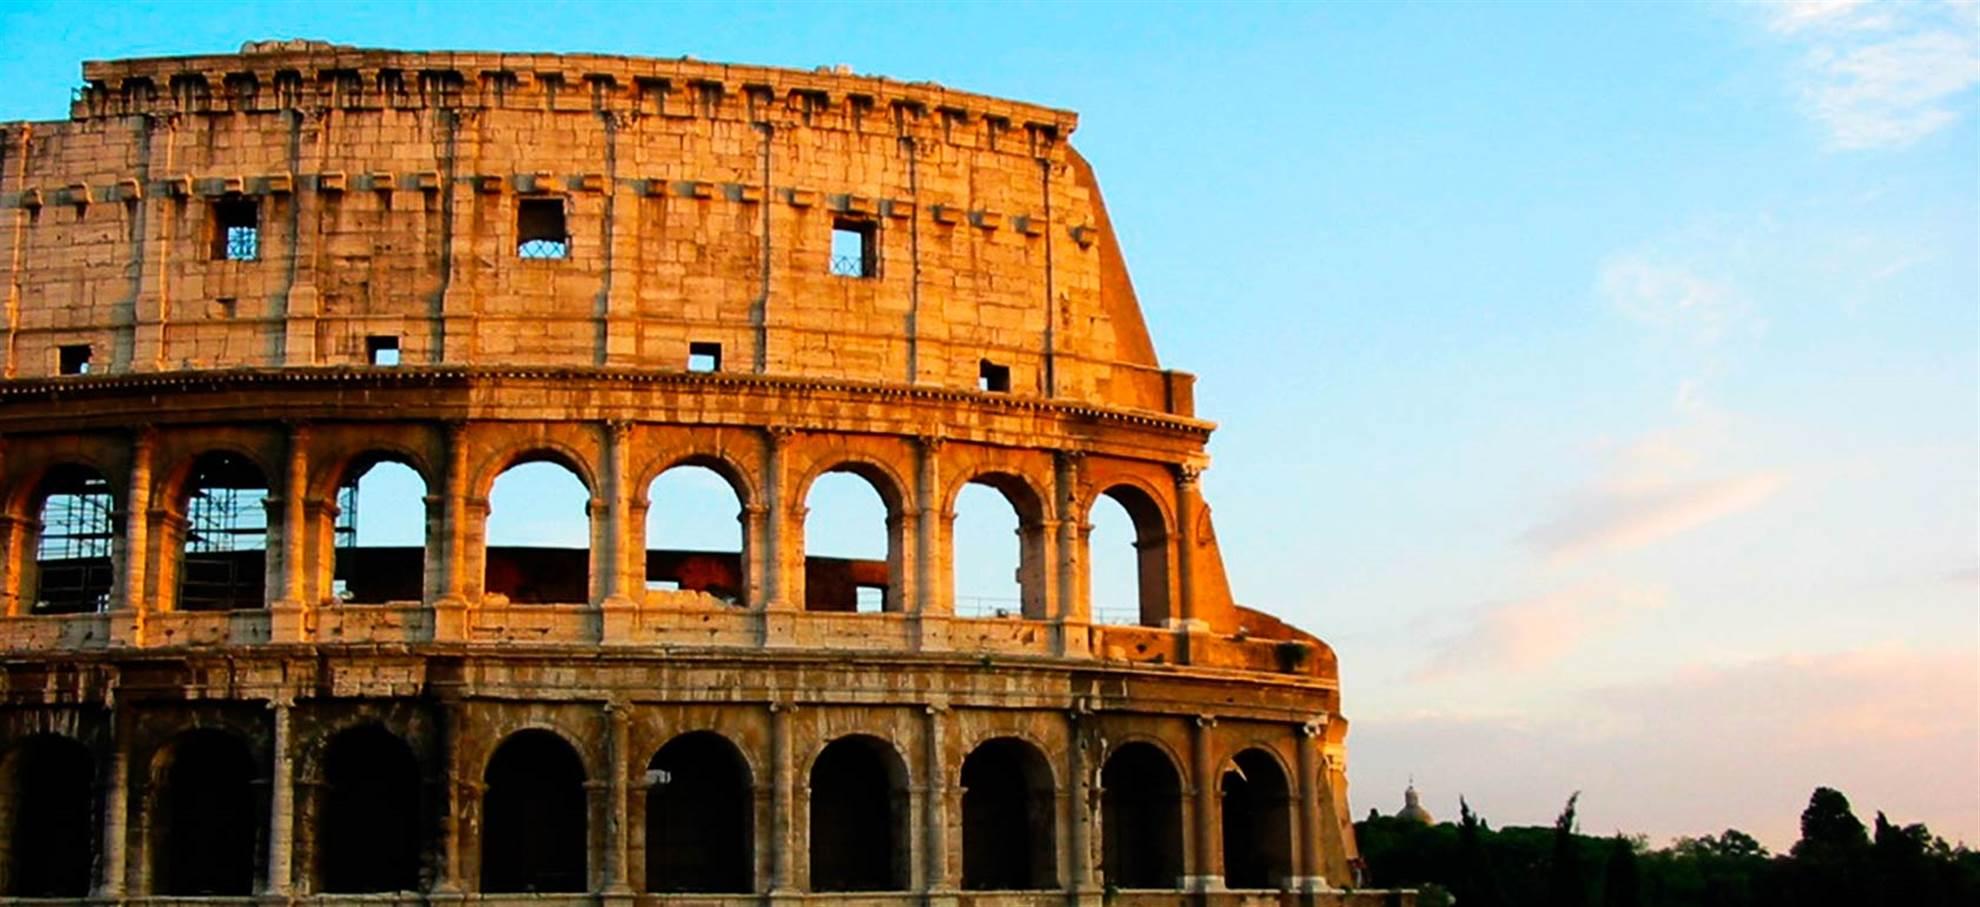 Colosseum - Privé Tour (Tour in het Engels)